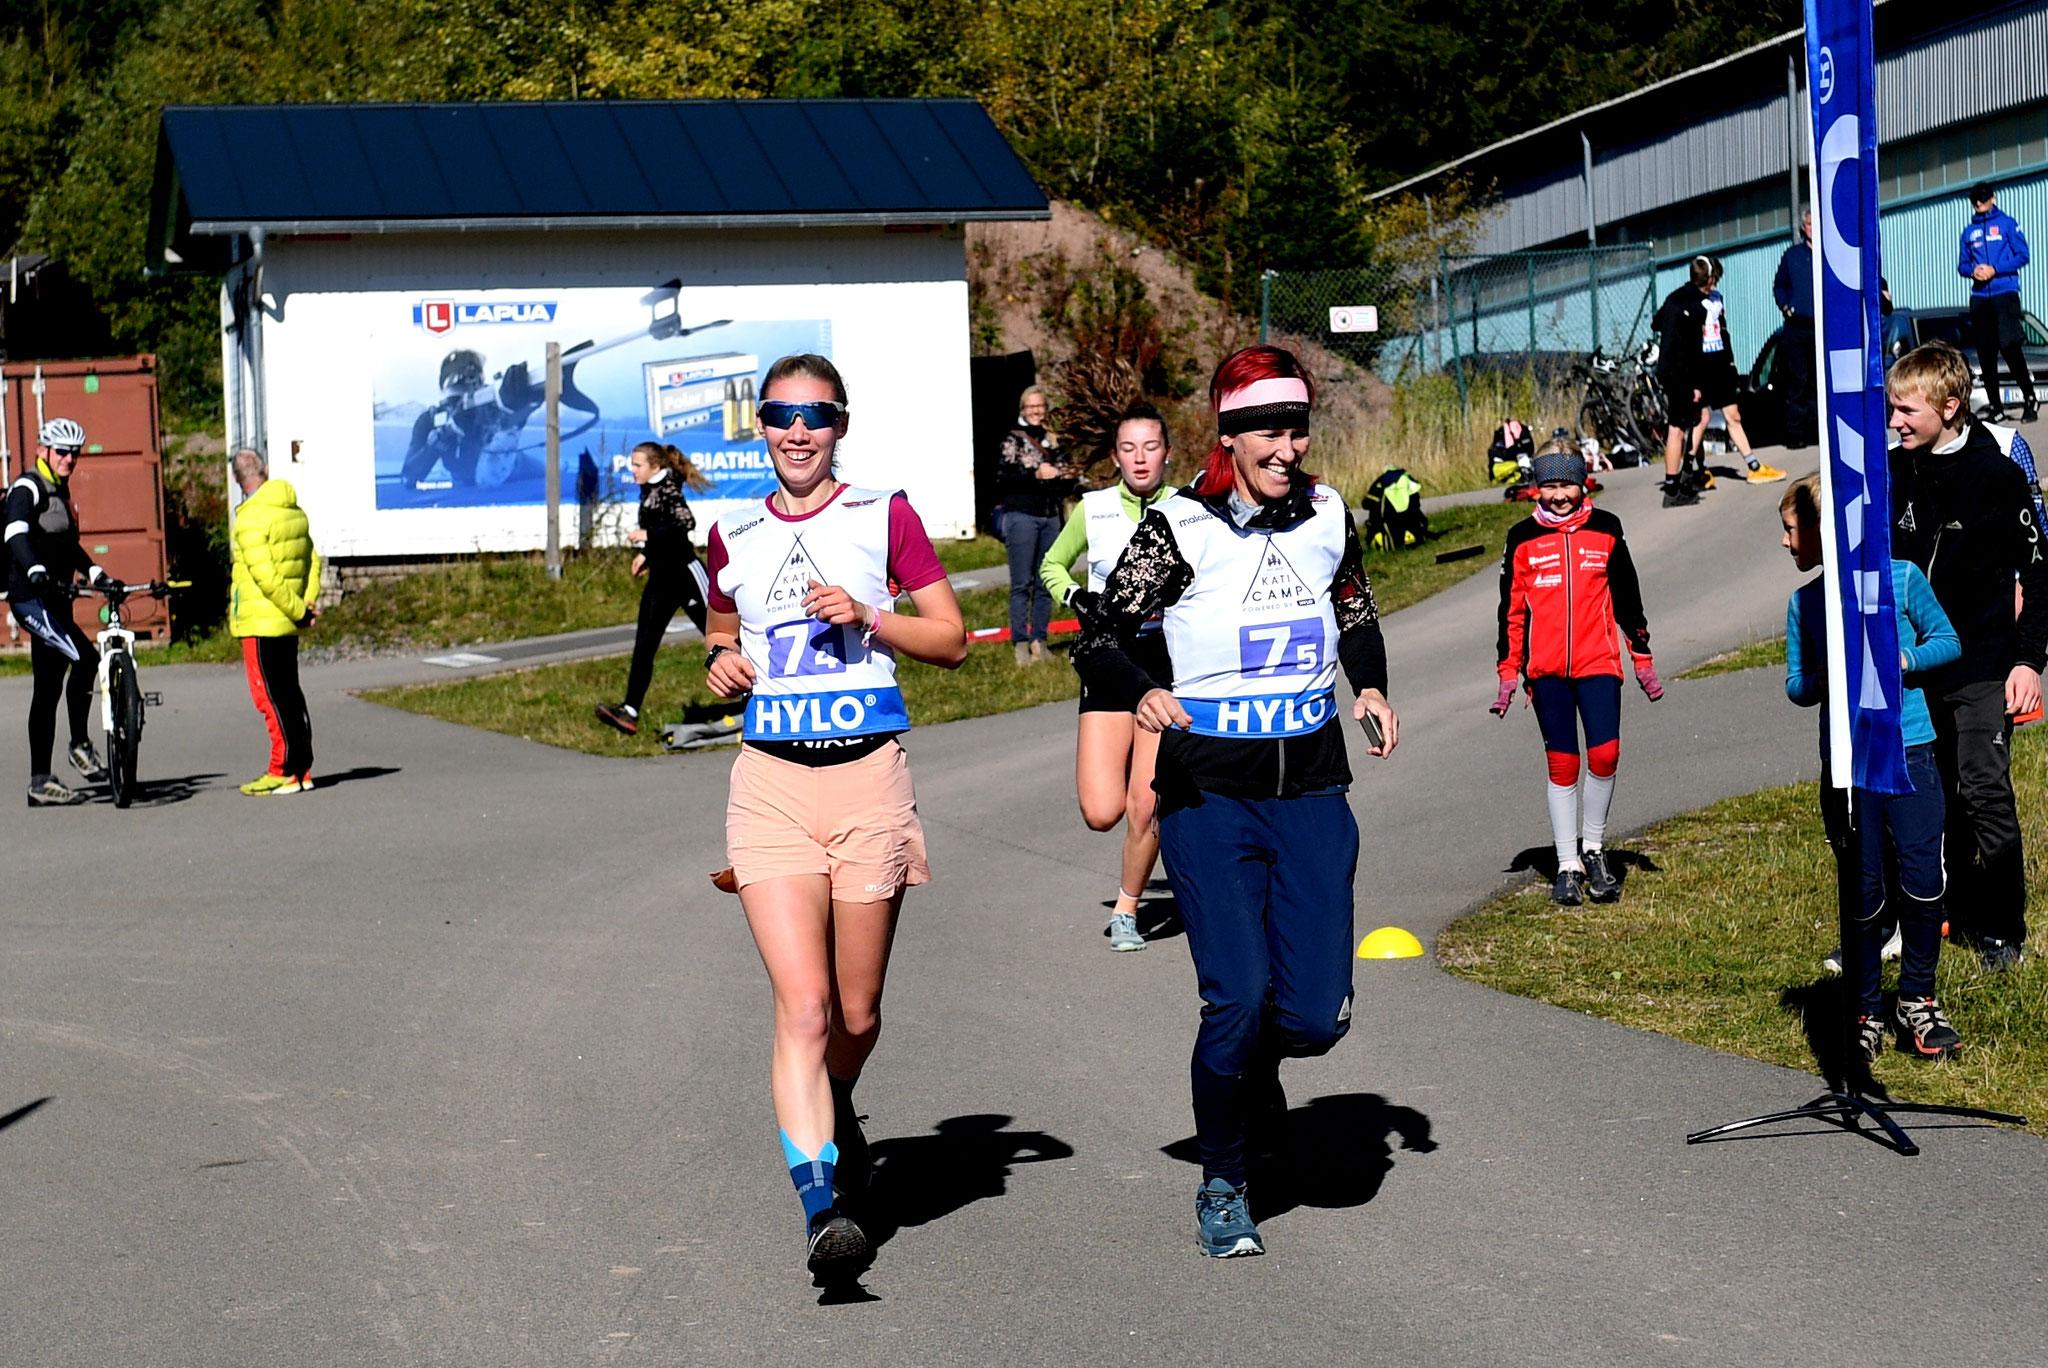 Staffel-Abschlusswettkampf - Foto: Harald Deubert foto-deubert.de